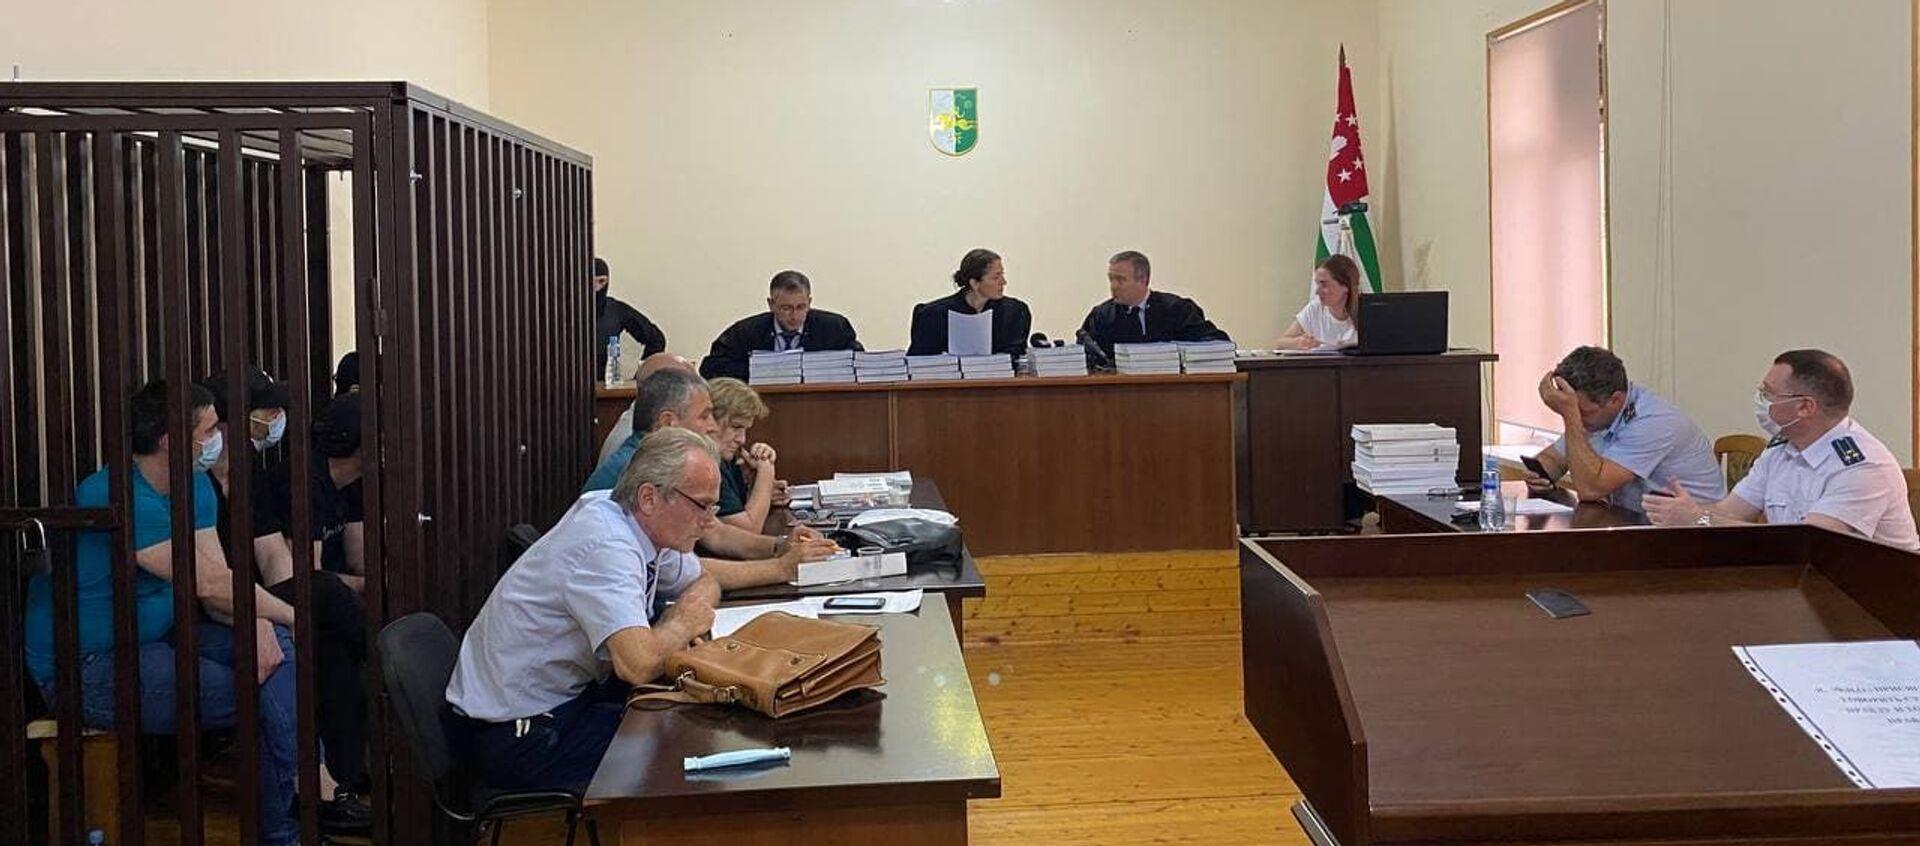 Верховного суда по делу о тройном убийстве на набережной Махаджиров  - Sputnik Абхазия, 1920, 22.07.2021